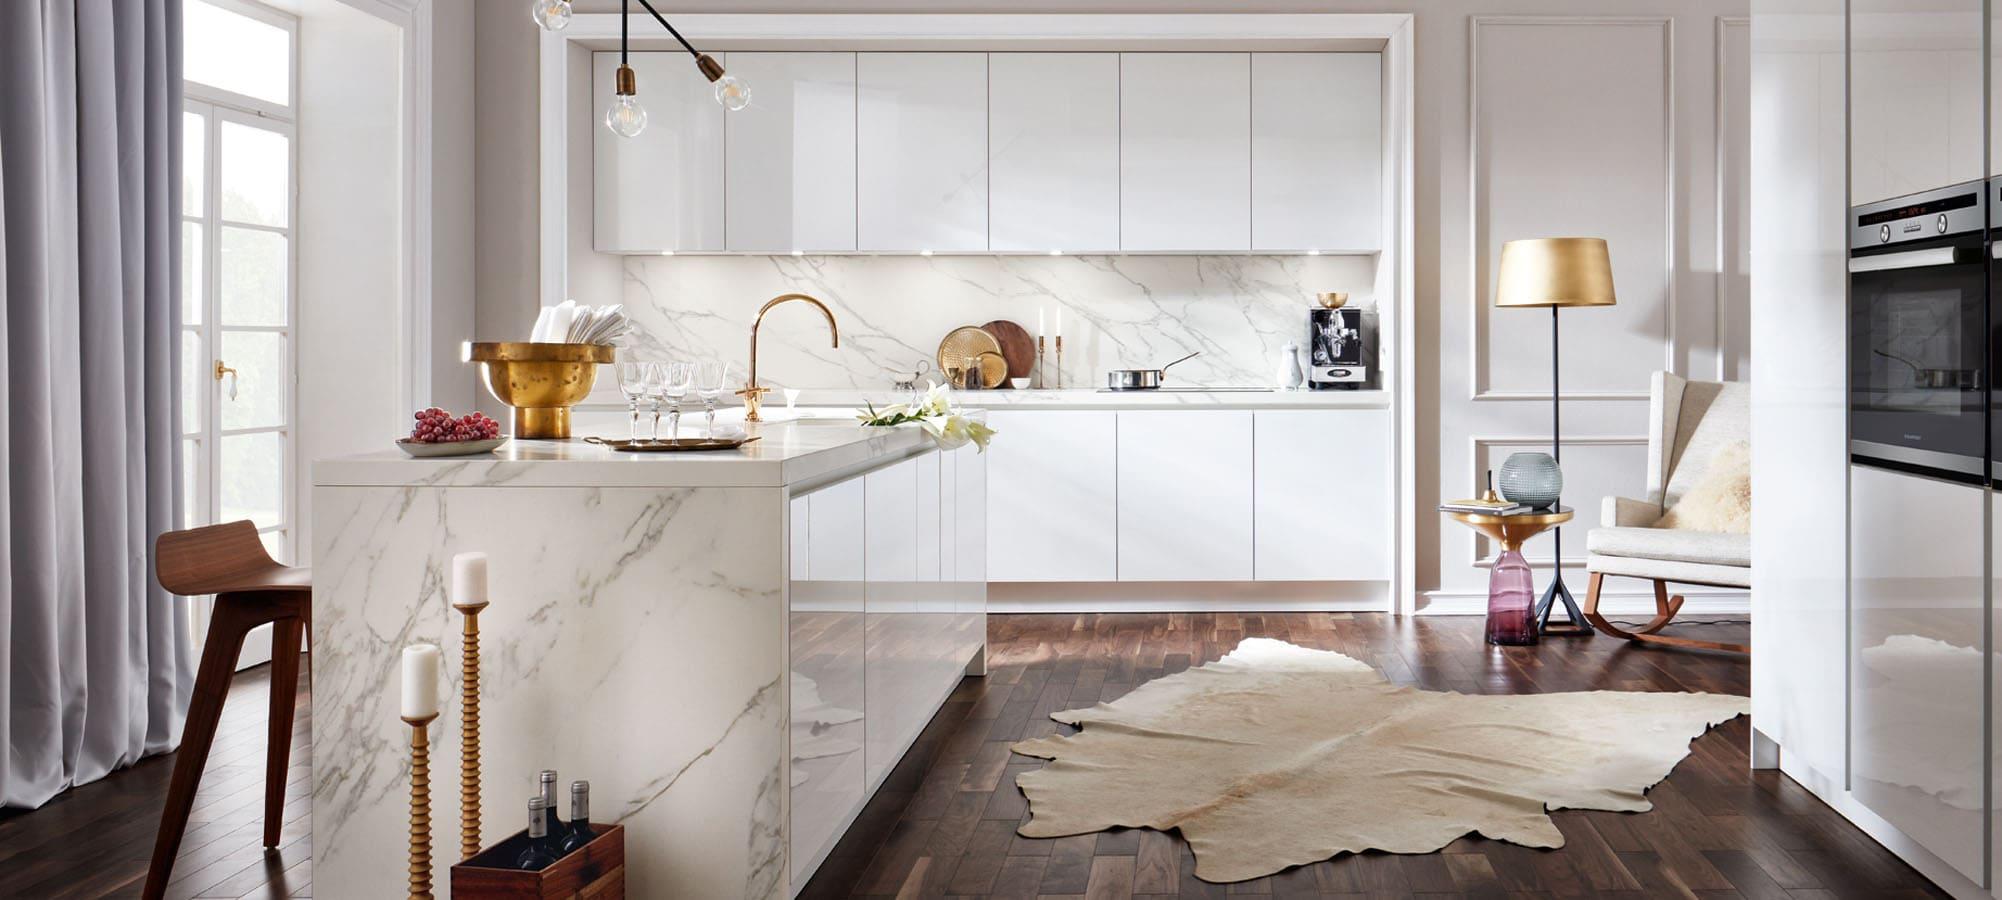 Küchen Rutz – Willi Rutz